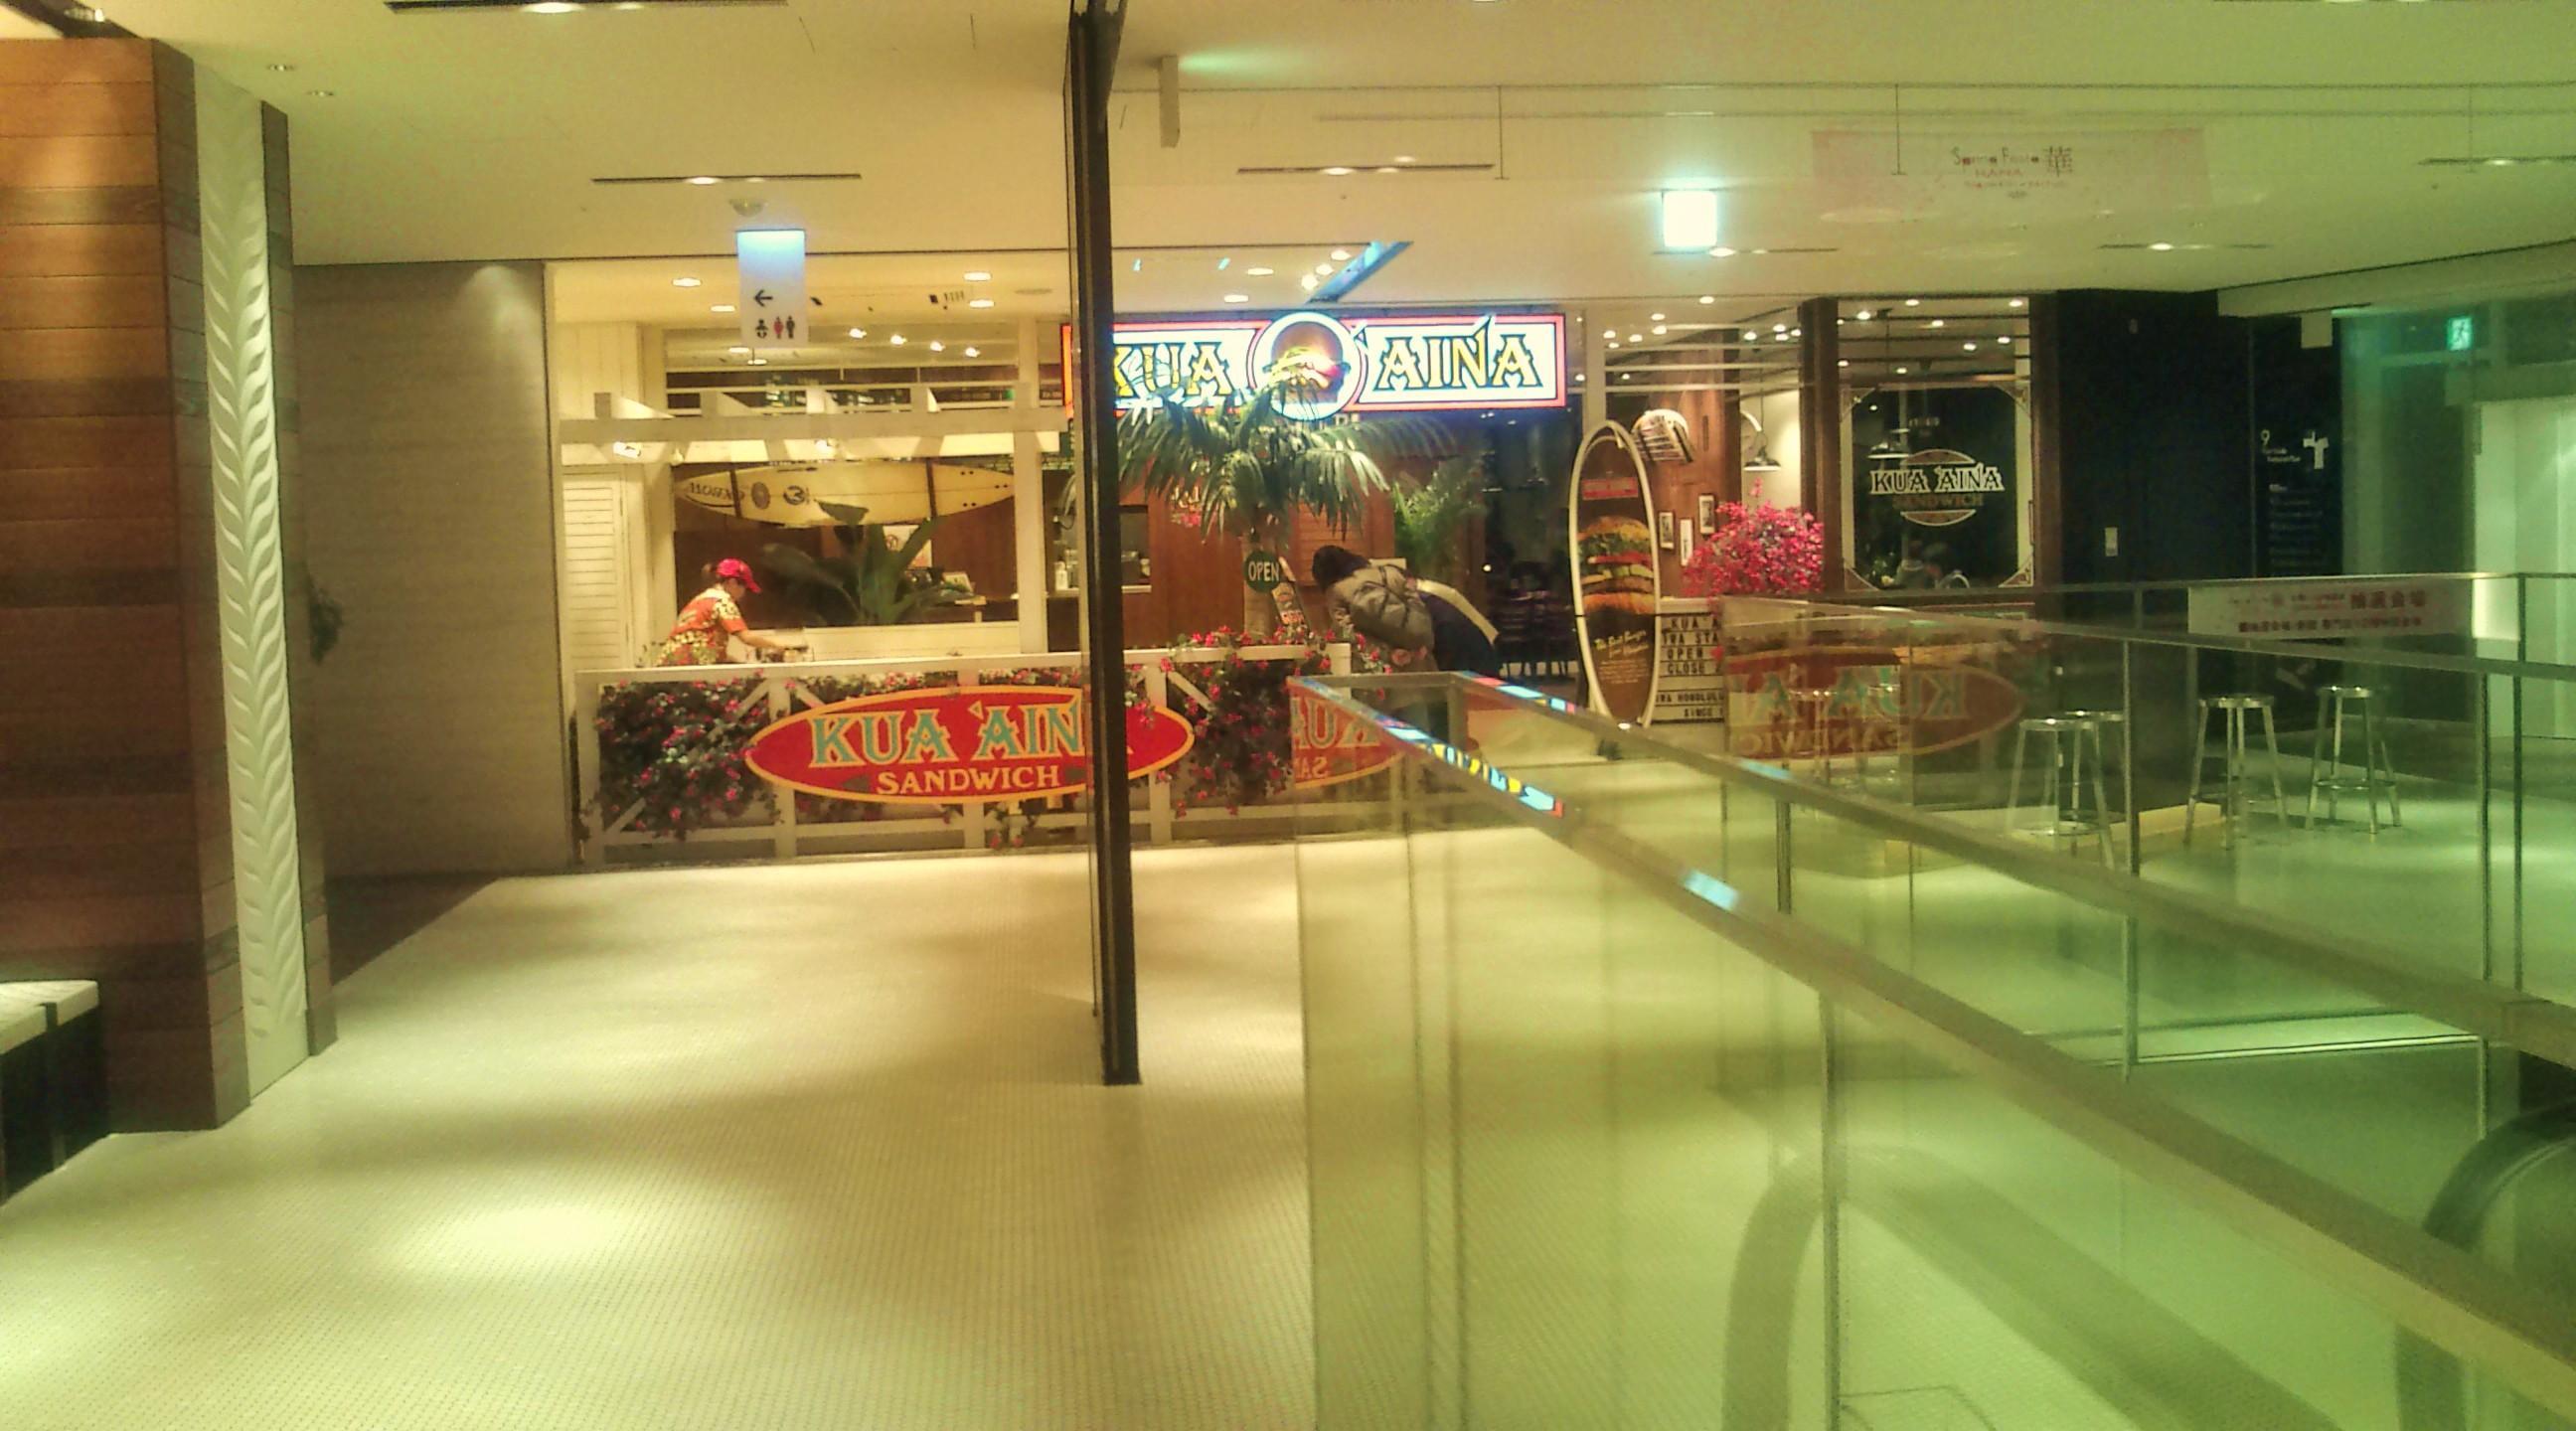 たまに行くならこんな店 KUA 'AiNA柏高島屋新館店